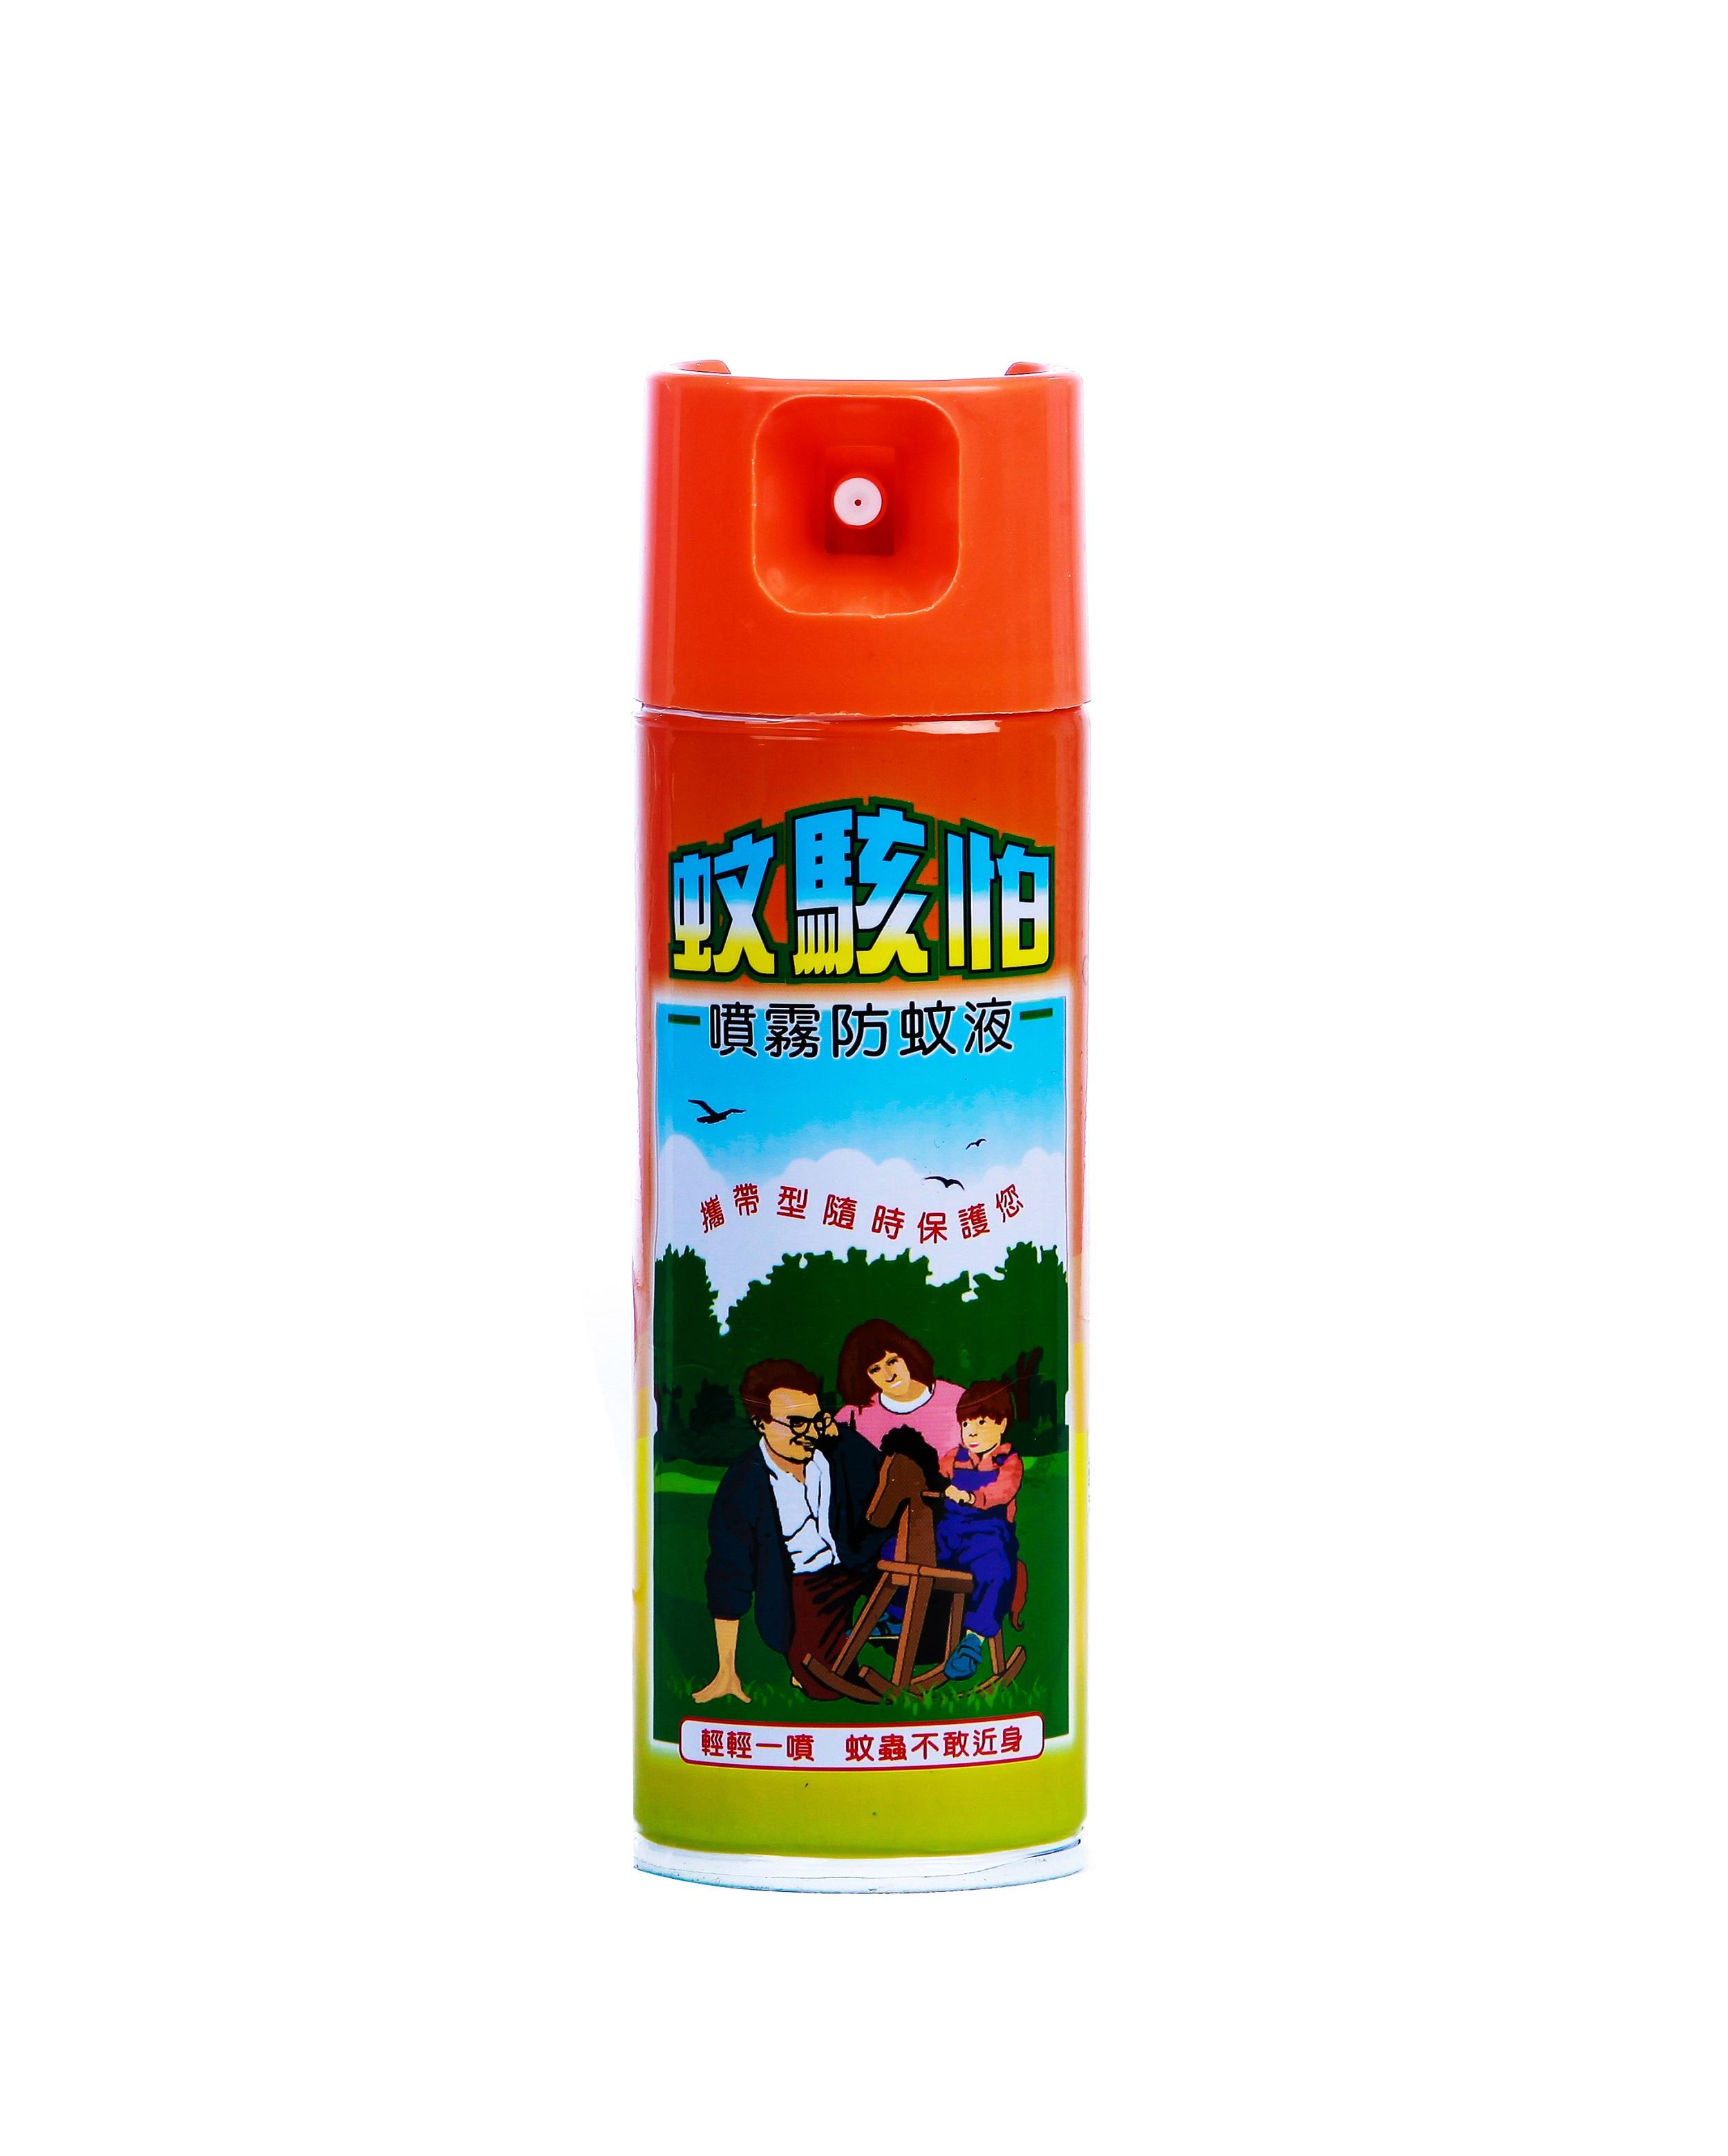 蚊駭怕 防蚊液Insect Repellent